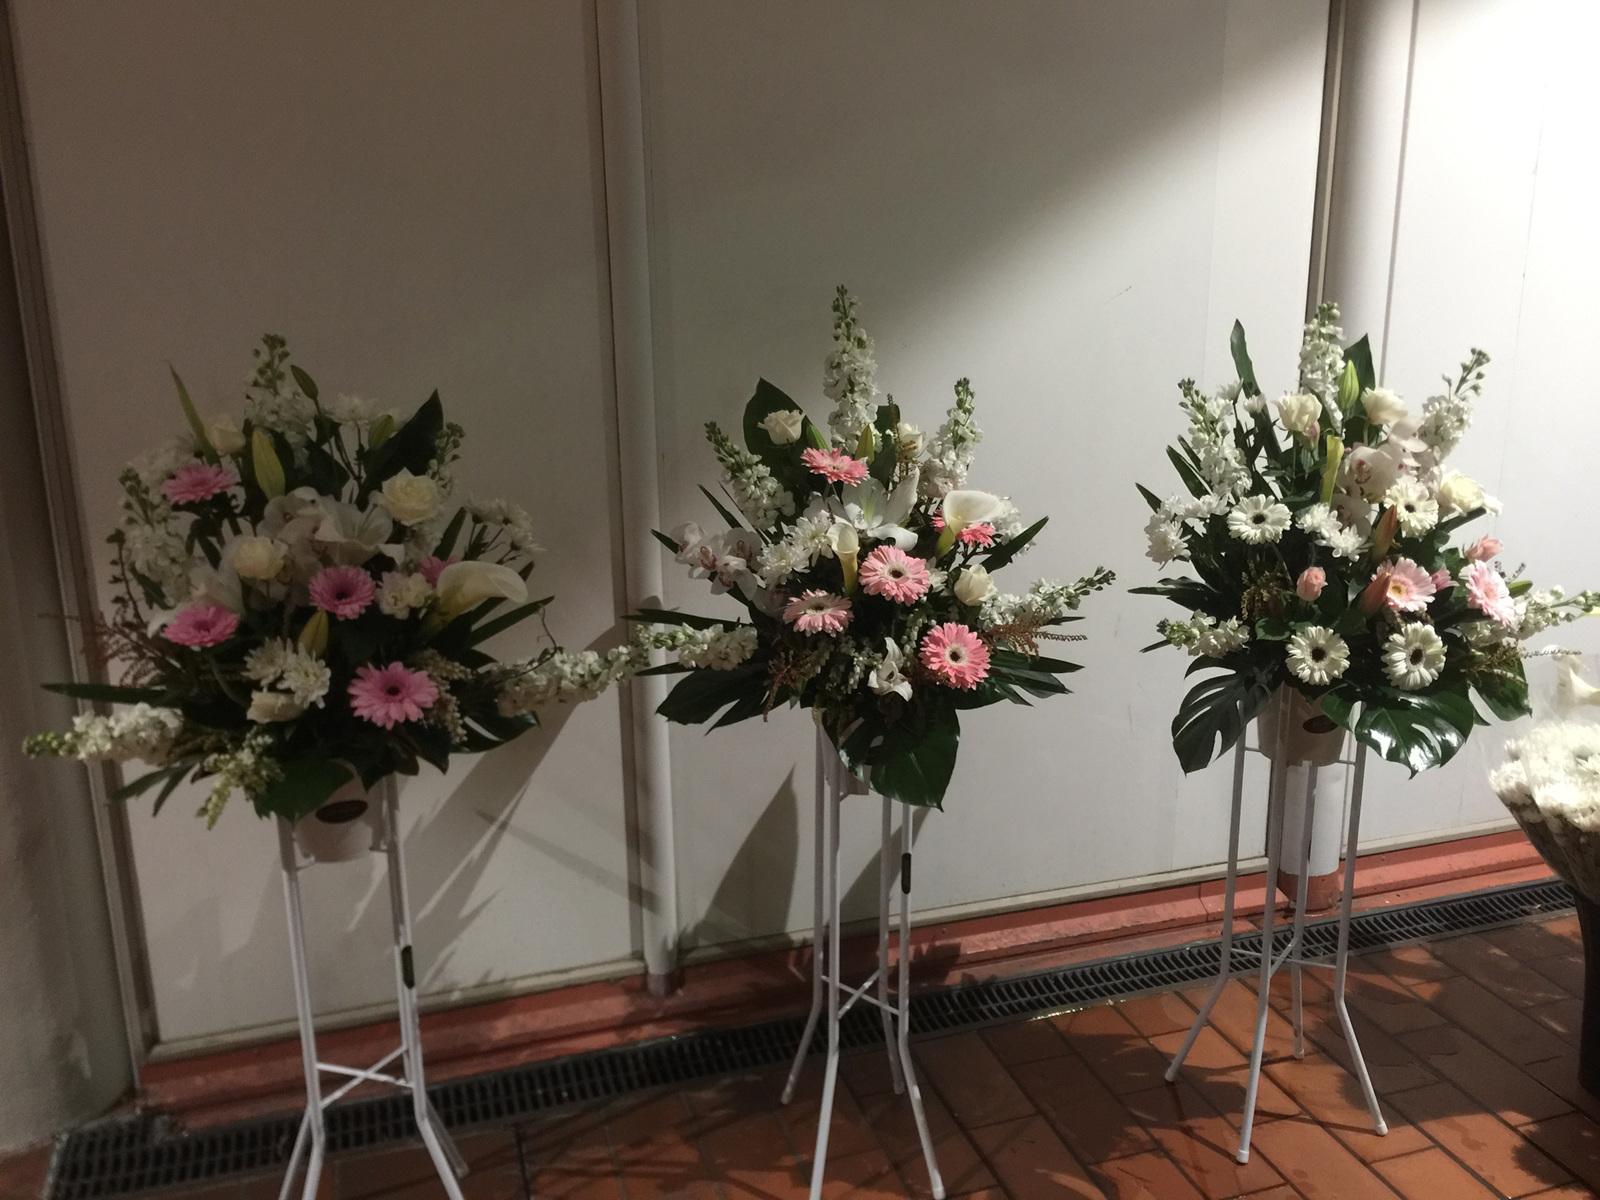 Church Service Arrangement Royal Oak Florist Flowerise Delivery Auckland